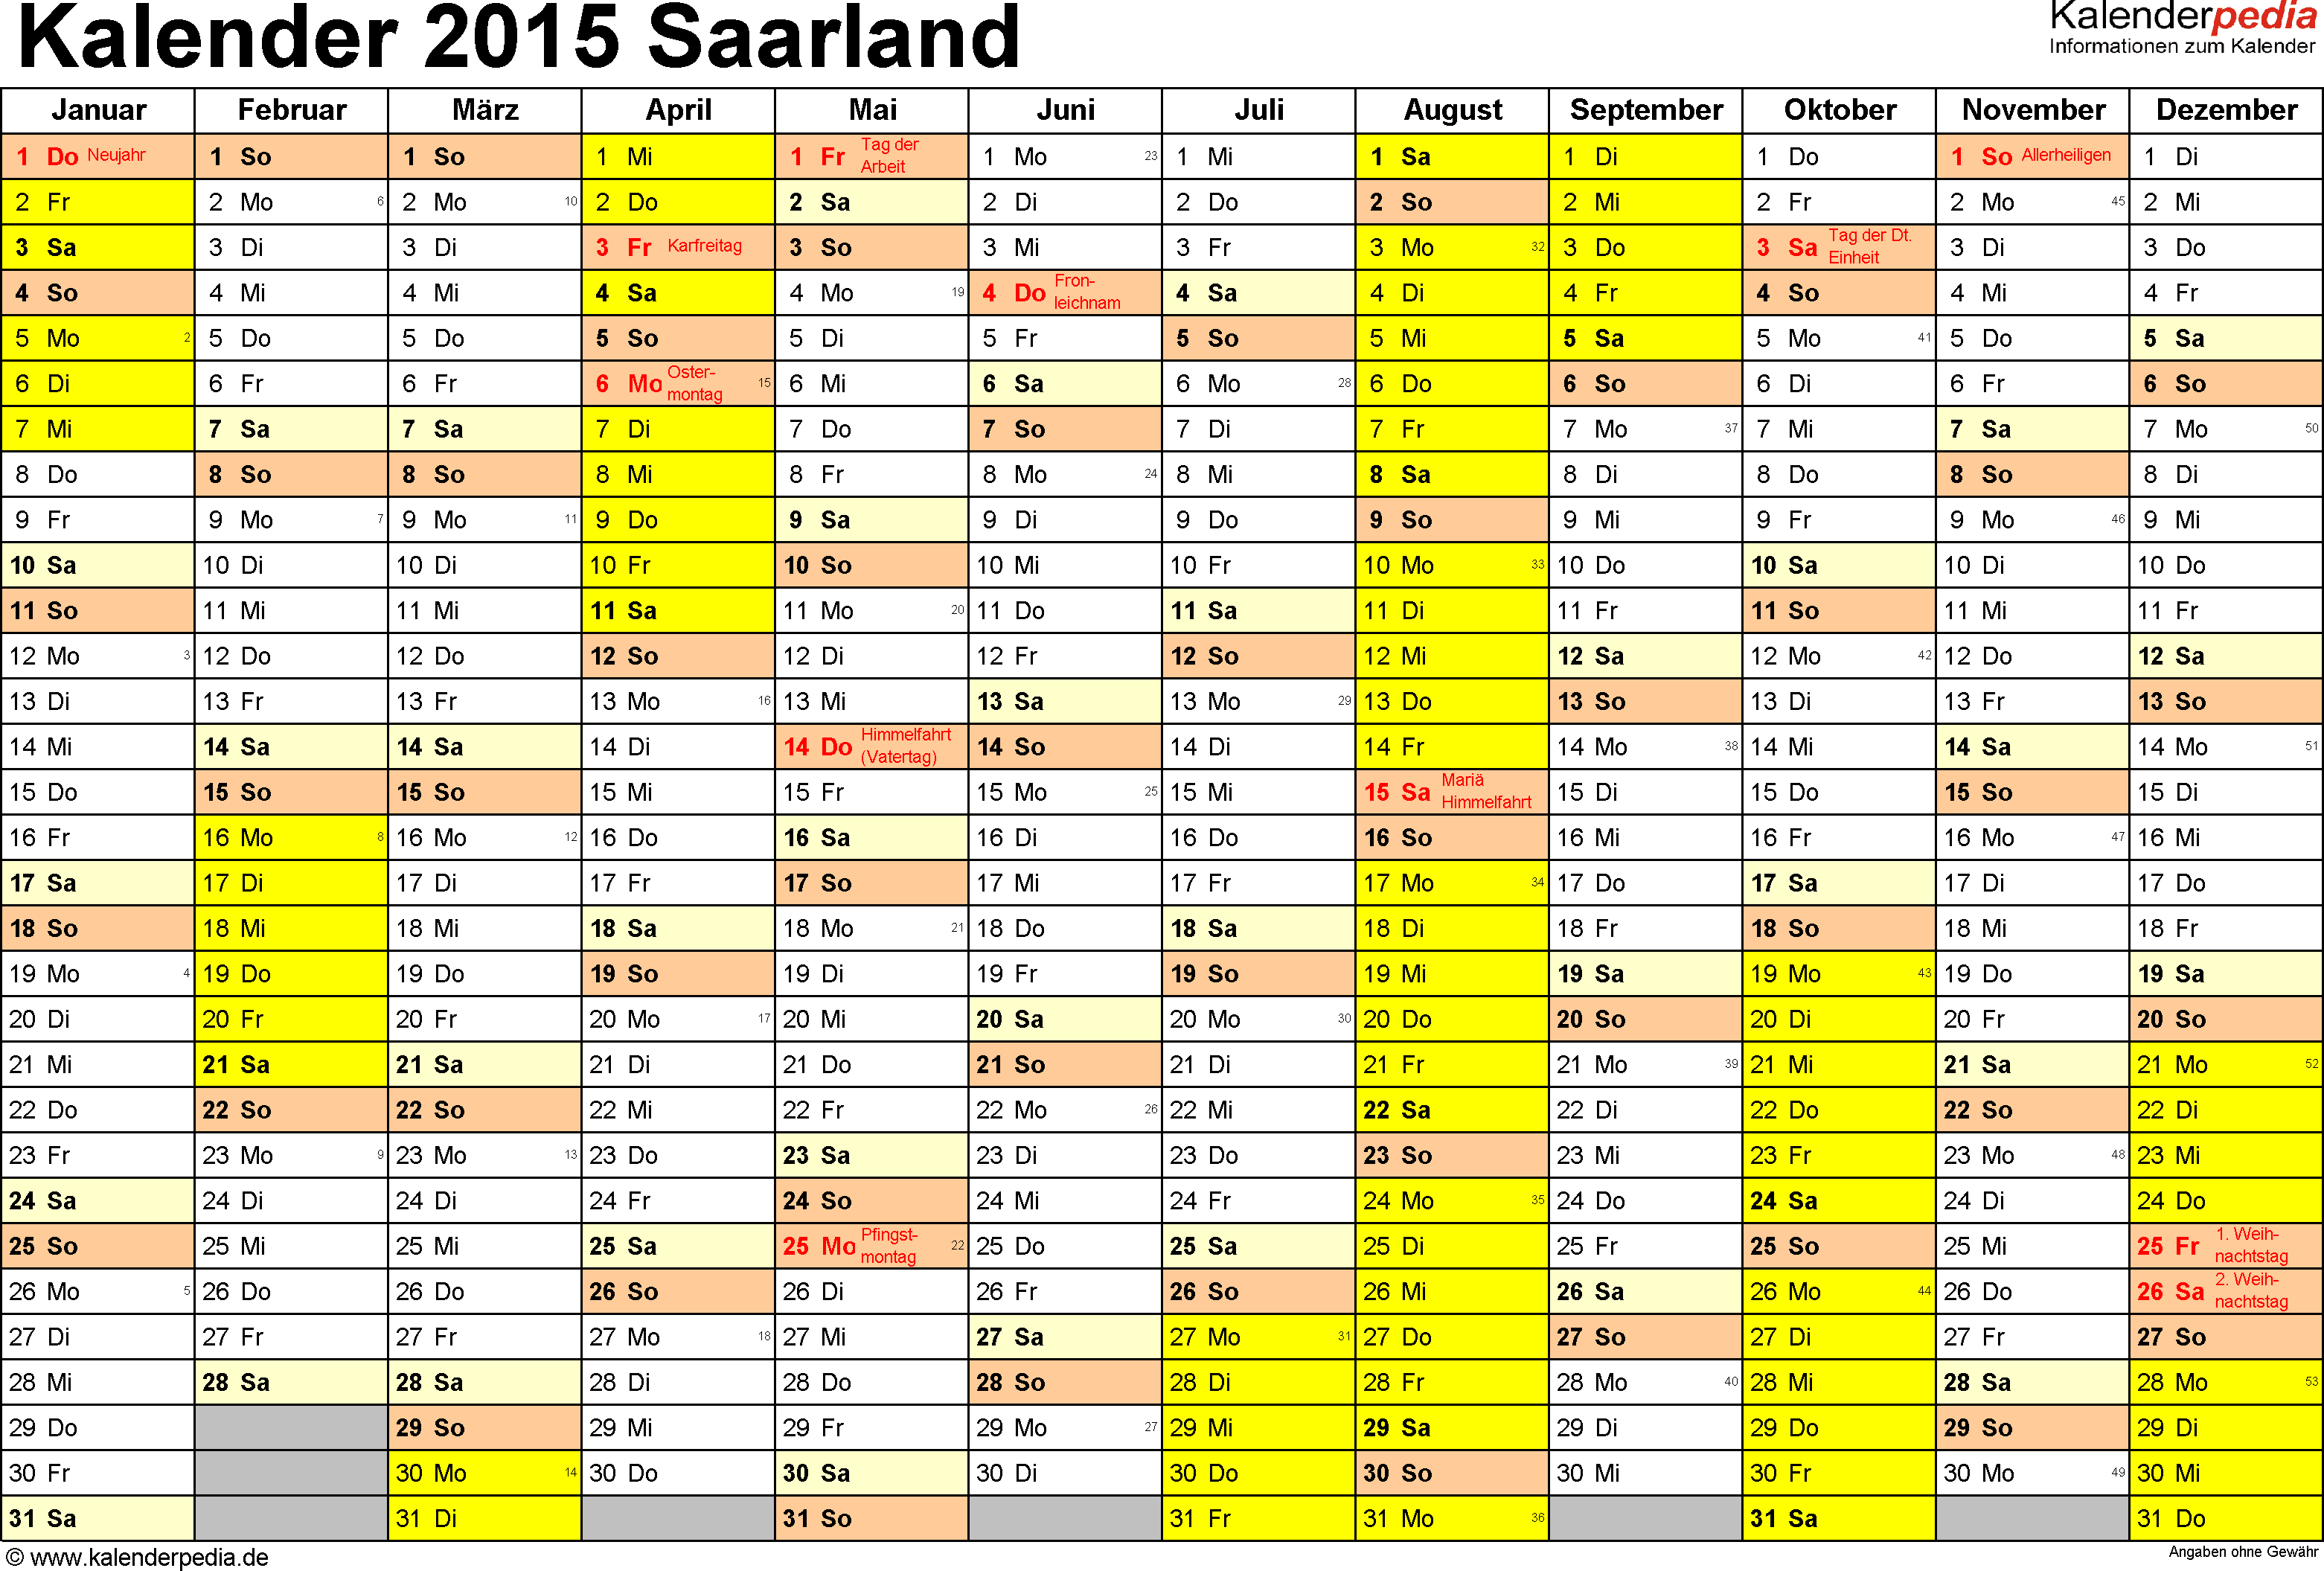 Vorlage 1: Kalender 2015 für Saarland als Excel-Vorlagen (Querformat, 1 Seite)